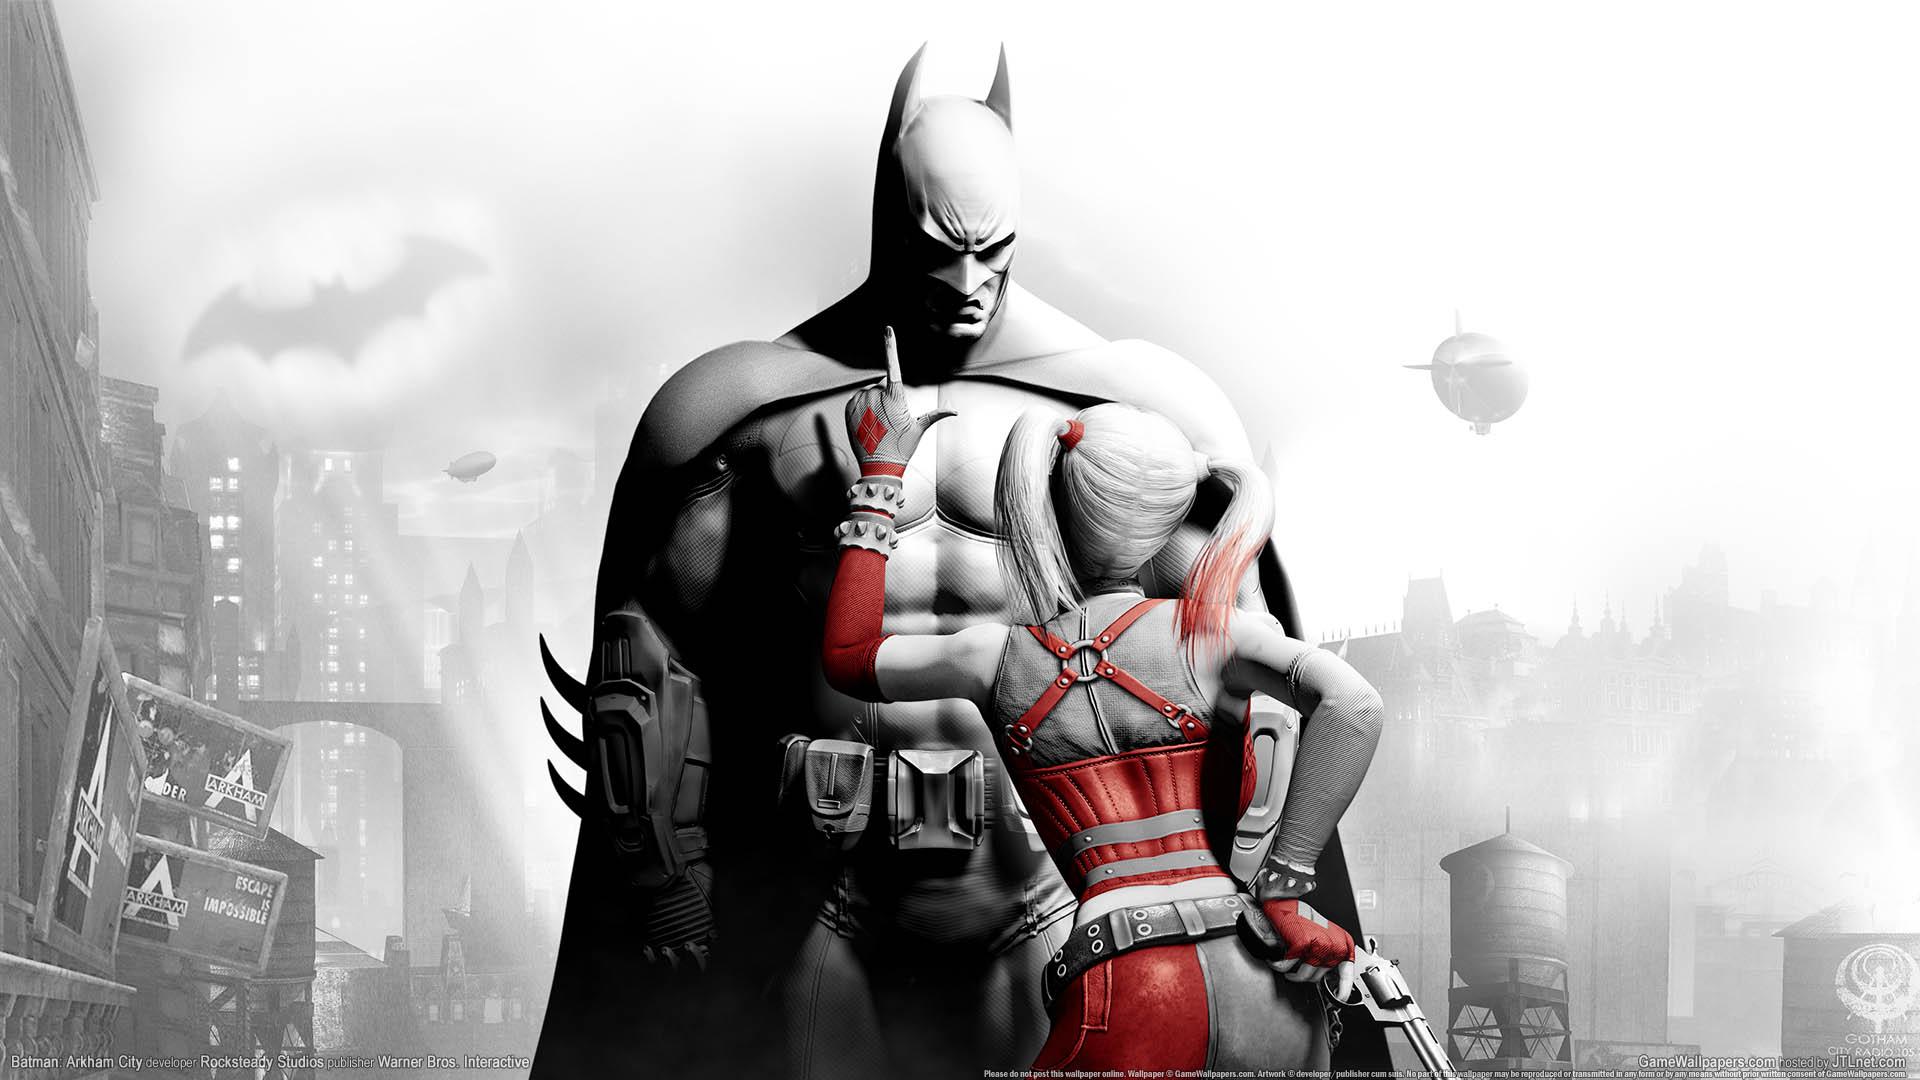 Batman Arkham City Wallpaper 01 1920x1080